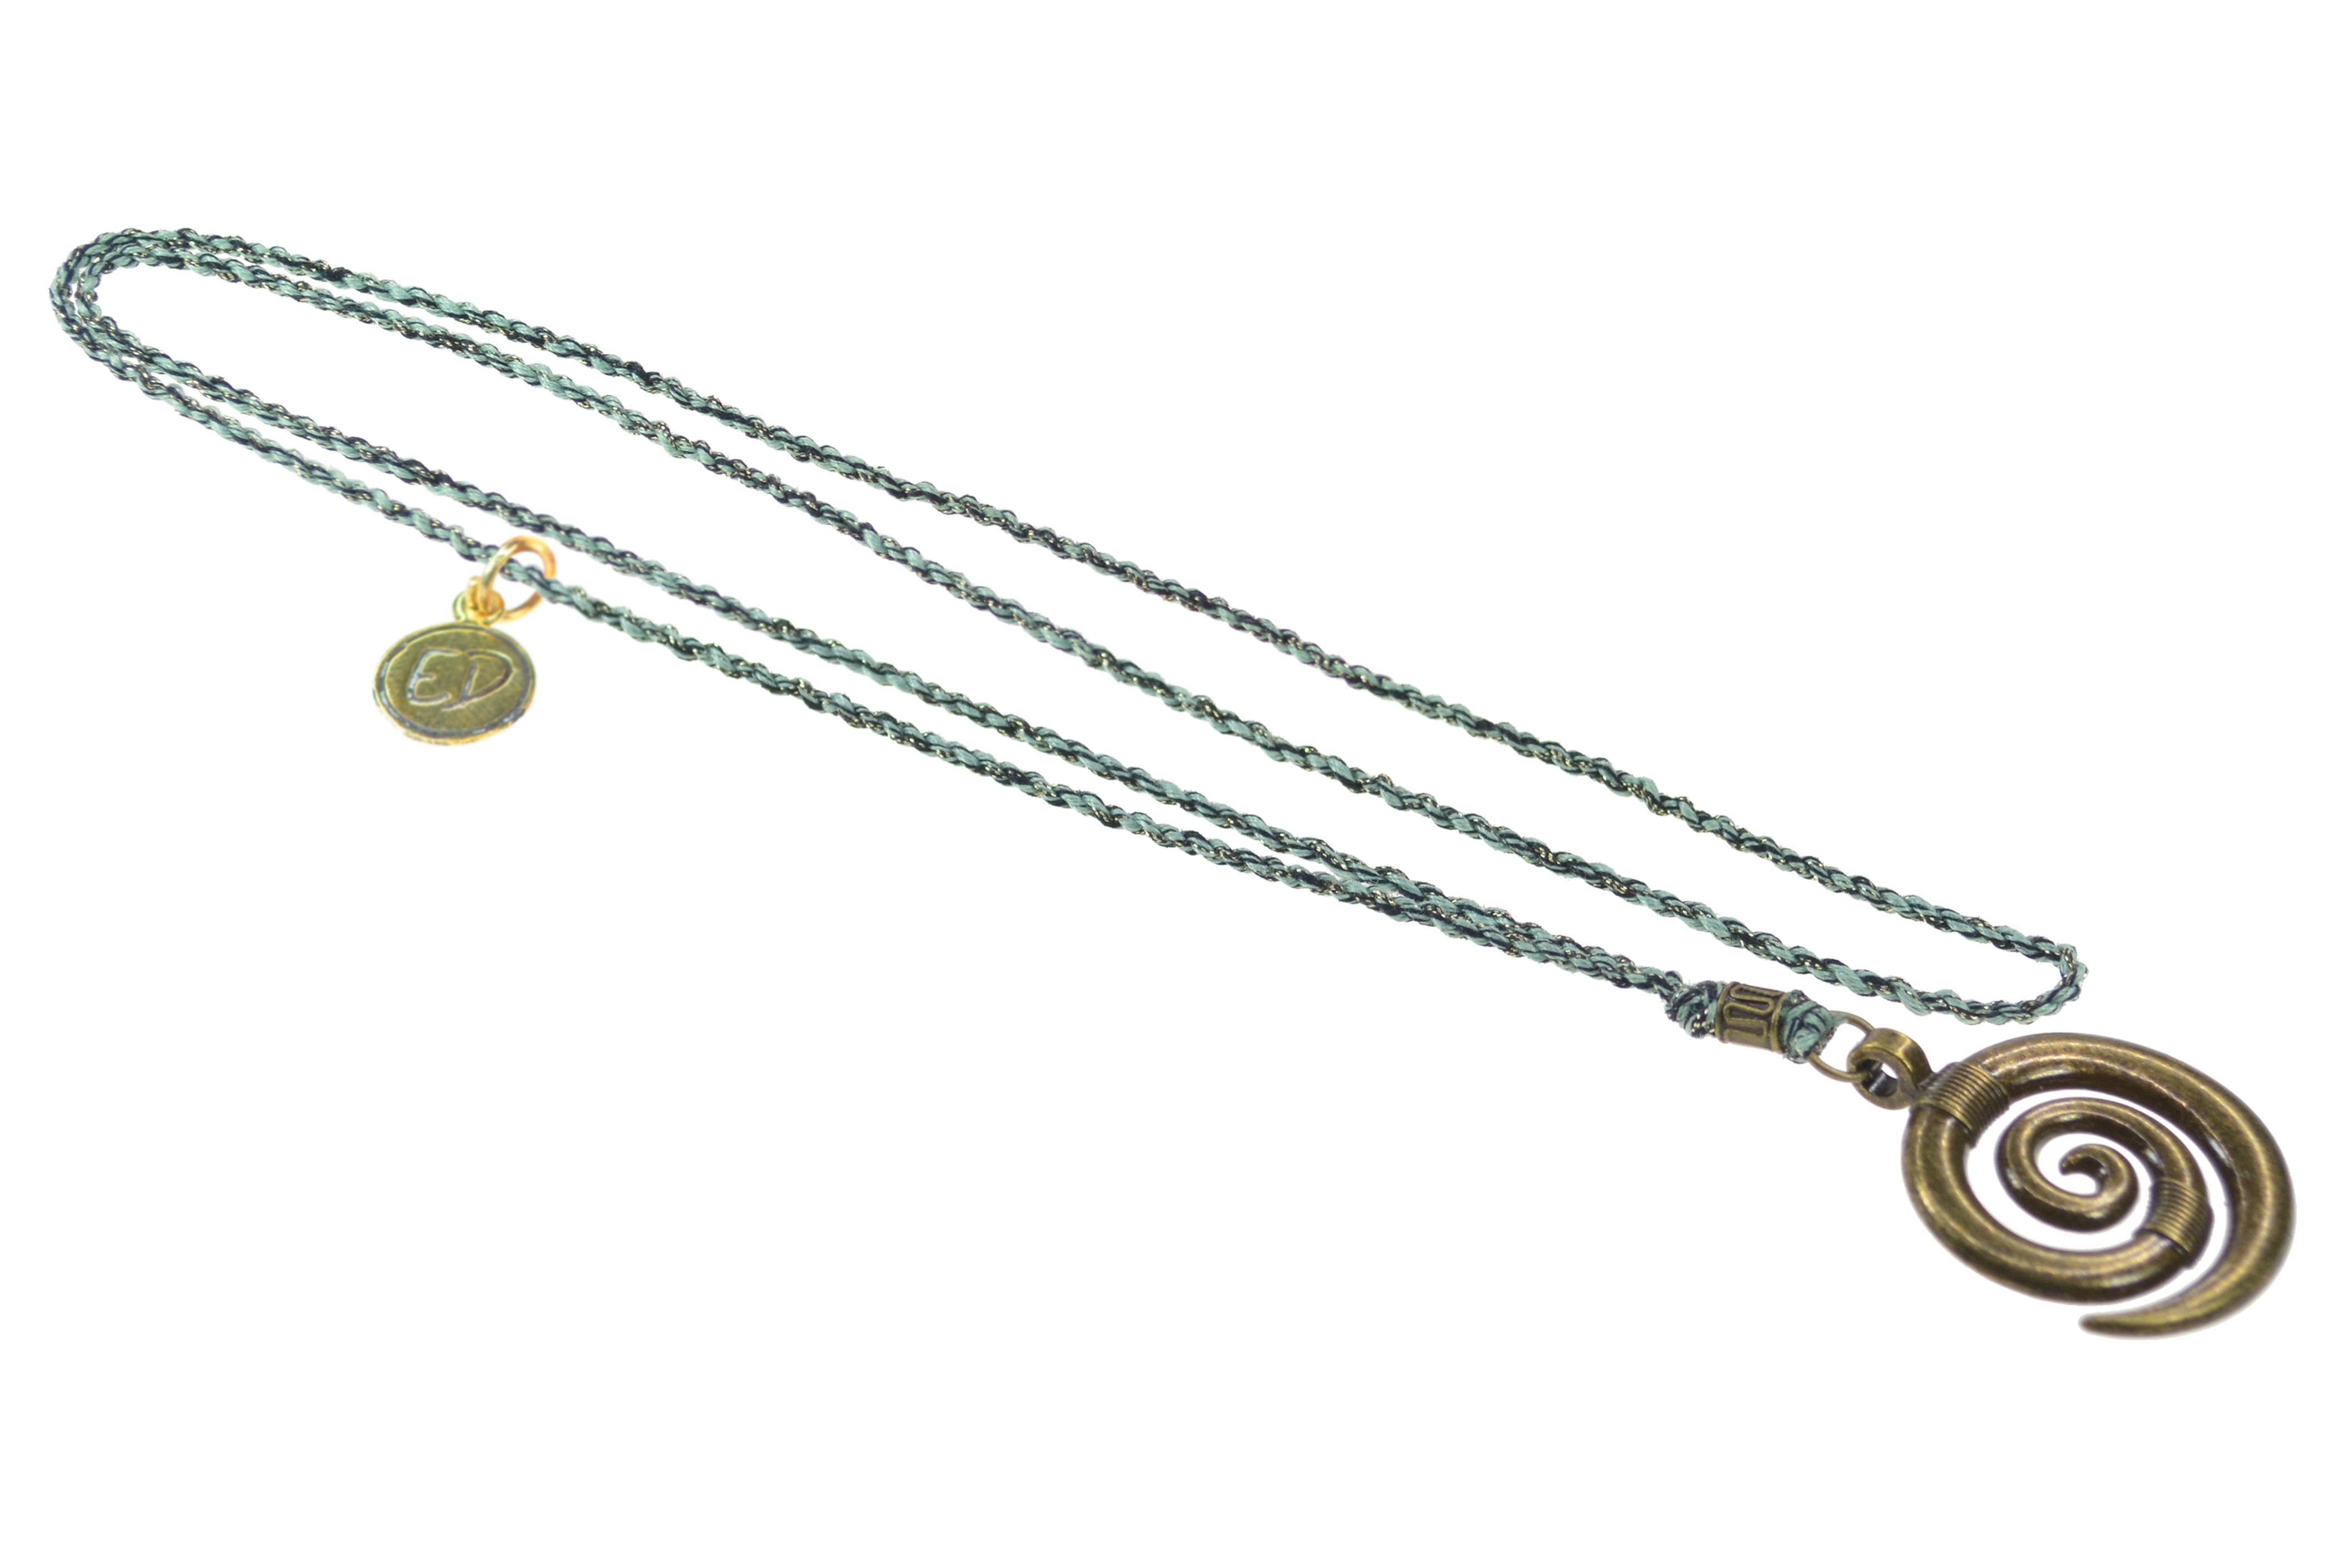 Pánsky prírodný náhrdelník s príveskom špirála - zelený